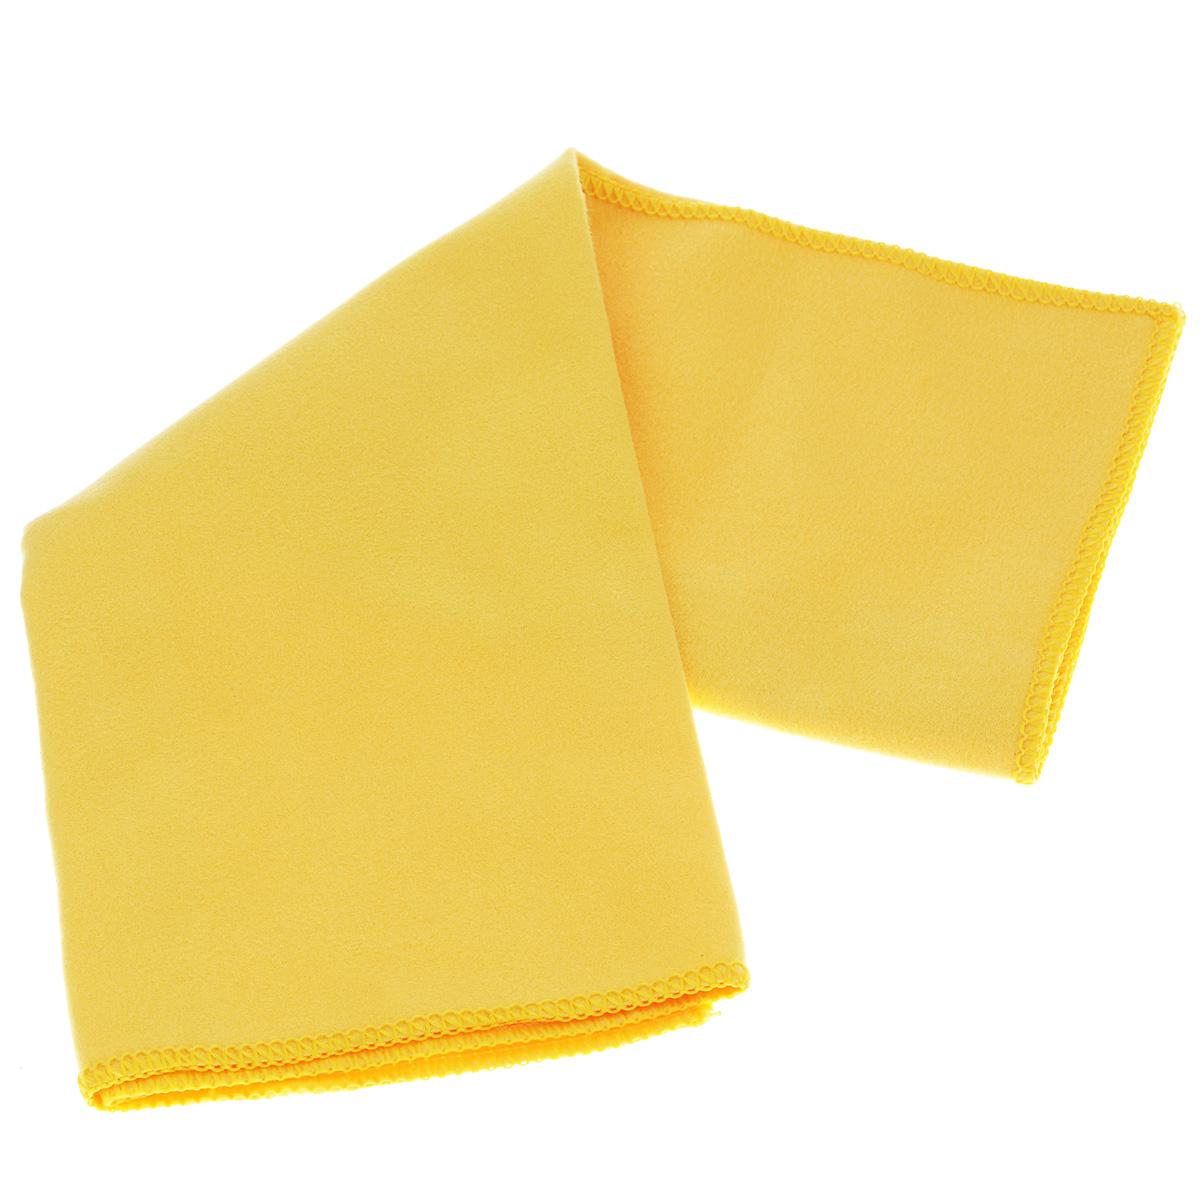 Cалфетка Sapfire Suede, цвет: желтый, 35 х 40 смK100Благодаря своей нежной структуре, салфетка Sapfire Suede из искусственной замши идеально подходит для протирки стекол, зеркал и других деликатных поверхностей в машине и дома.Состав: 80% полиэстер, 20% полиамид.